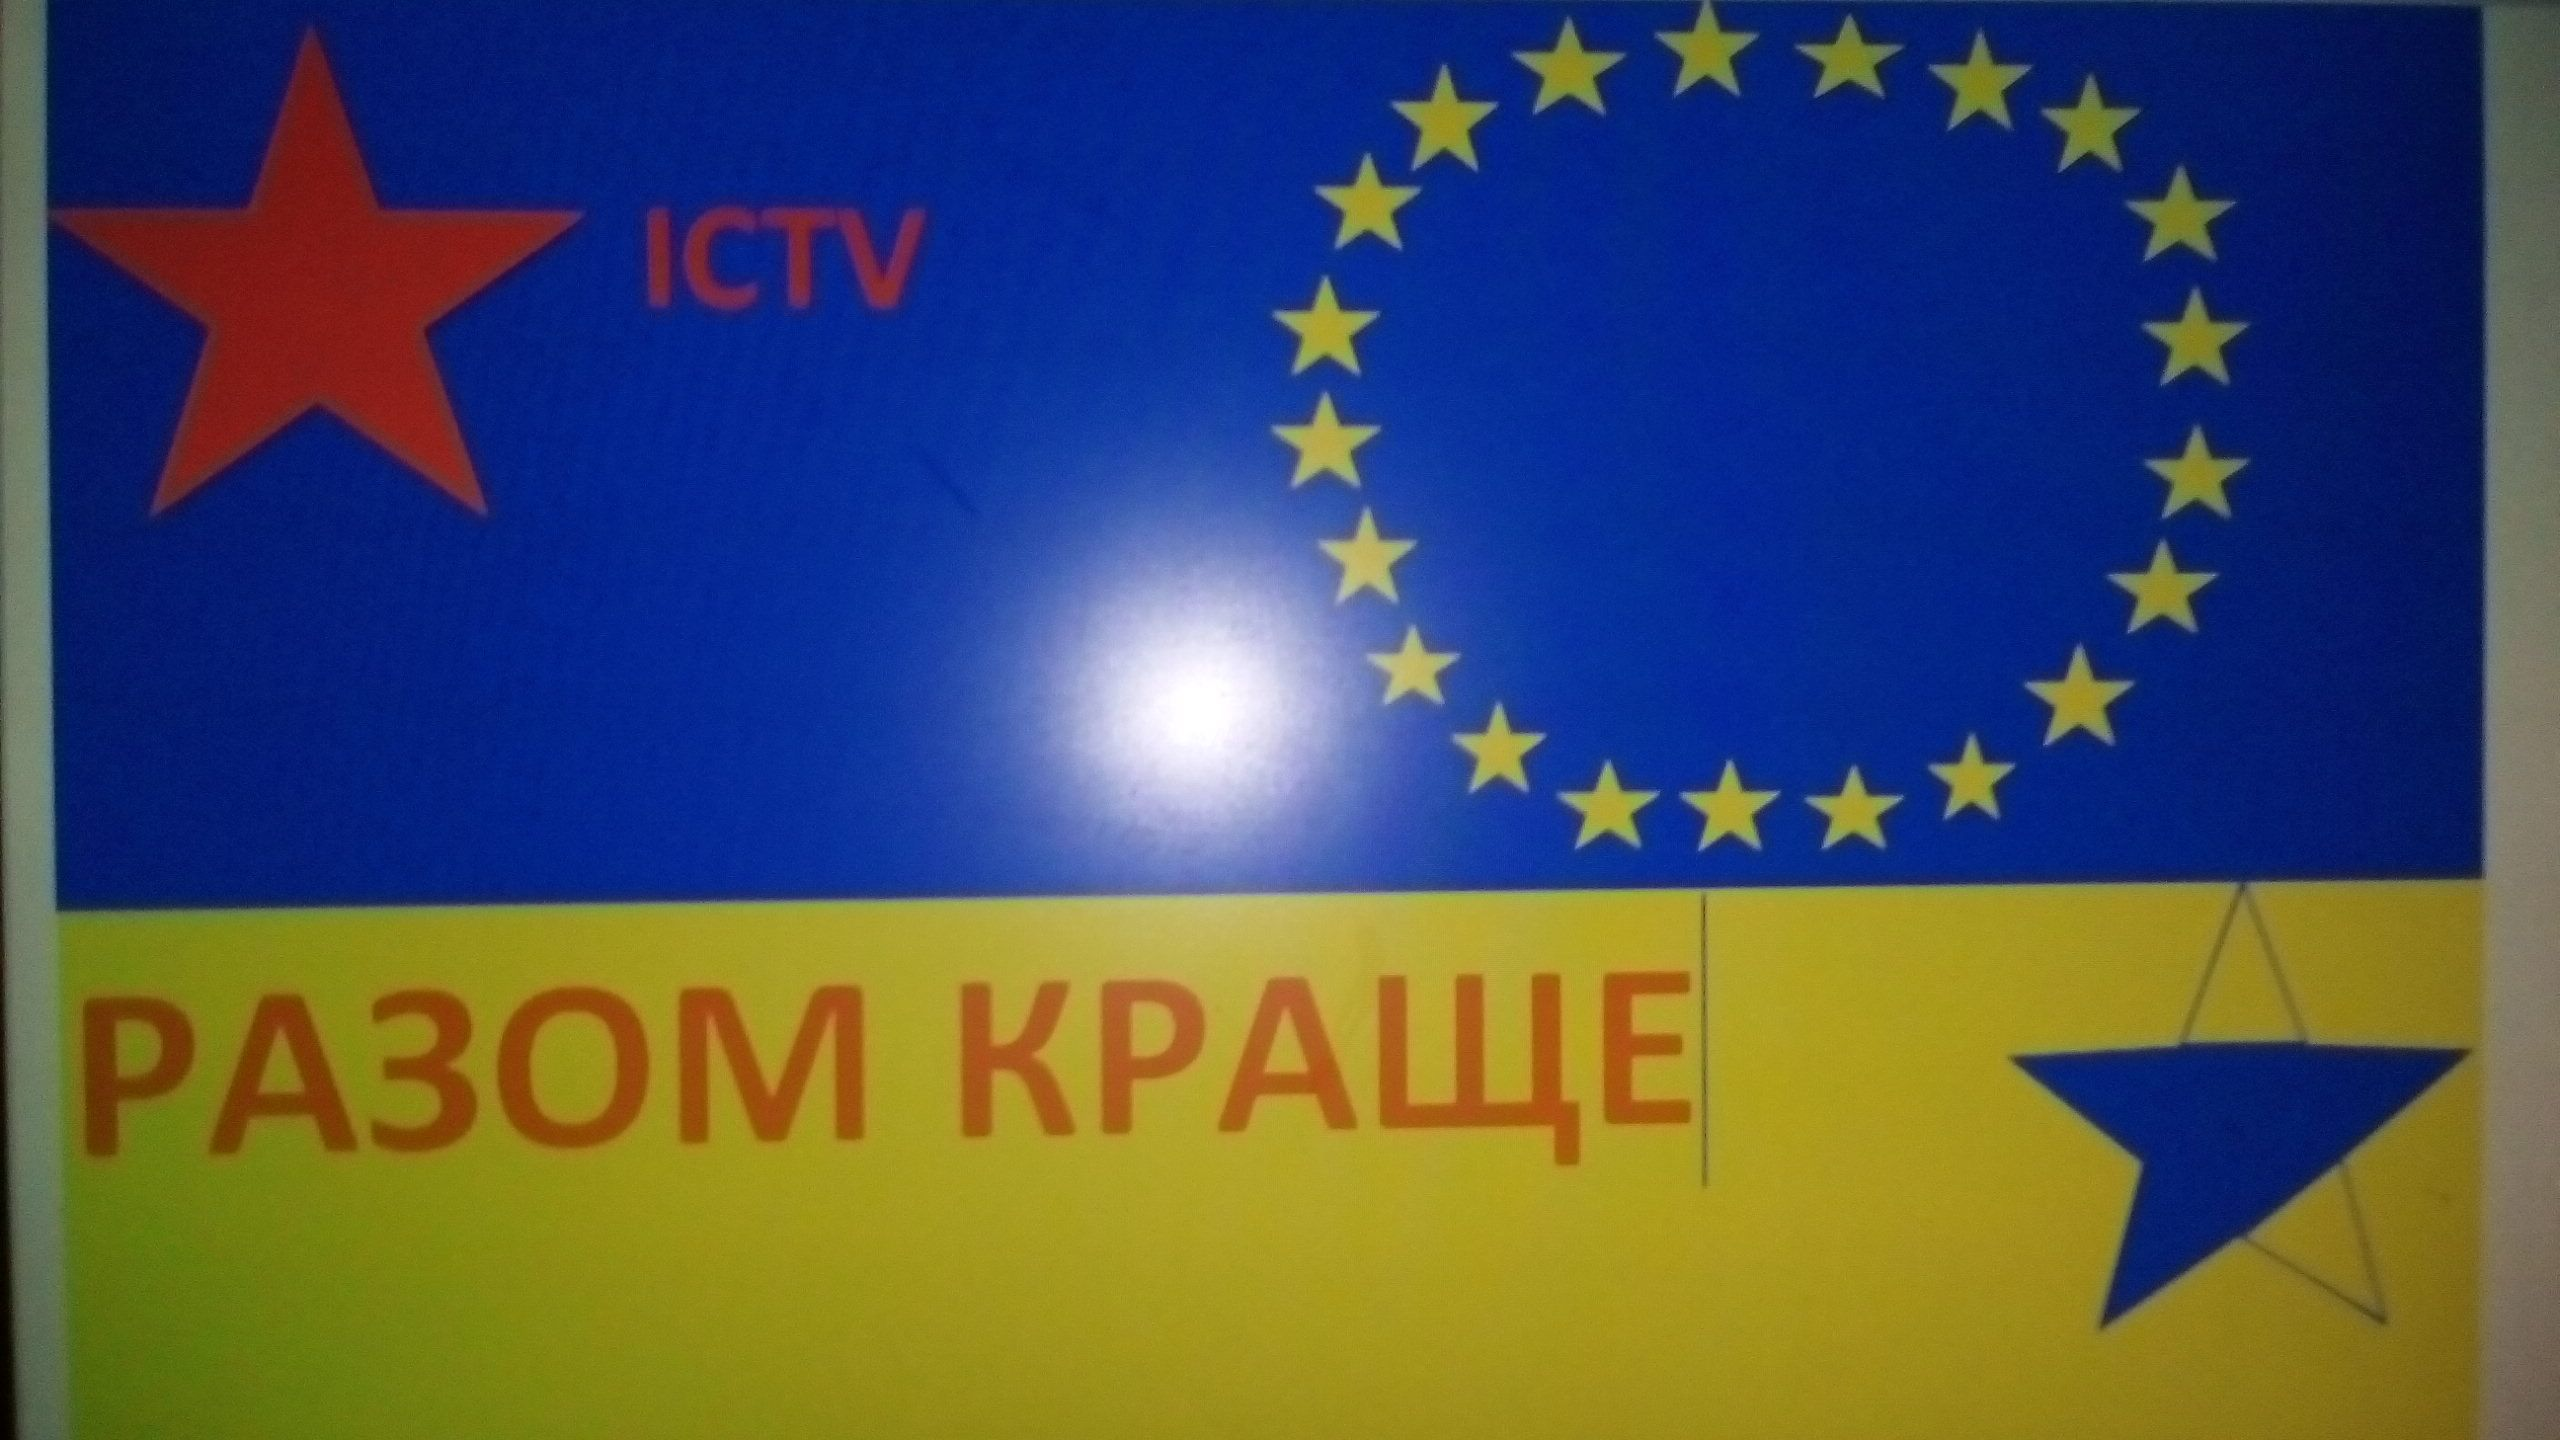 Ictv телеканал онлайн прямой эфир